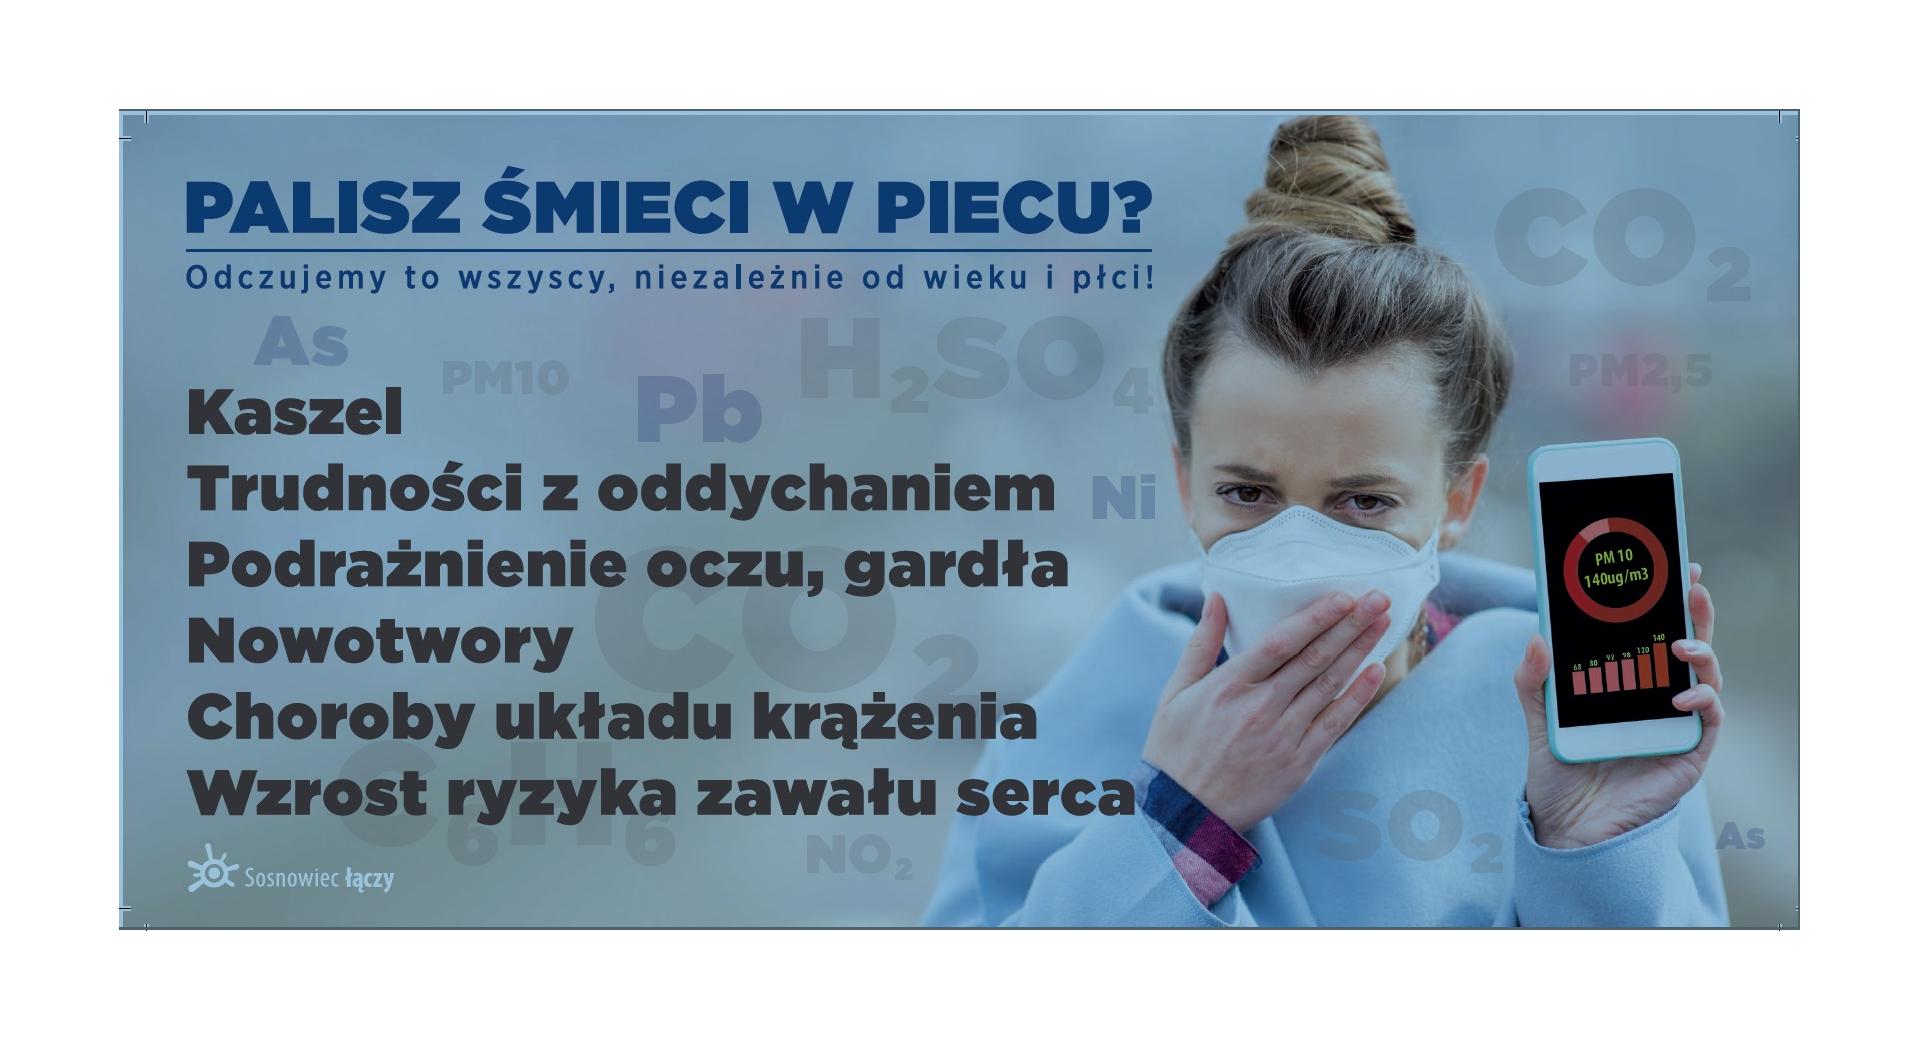 Obrazek przedstawiający konsekwencje palenia w piecach